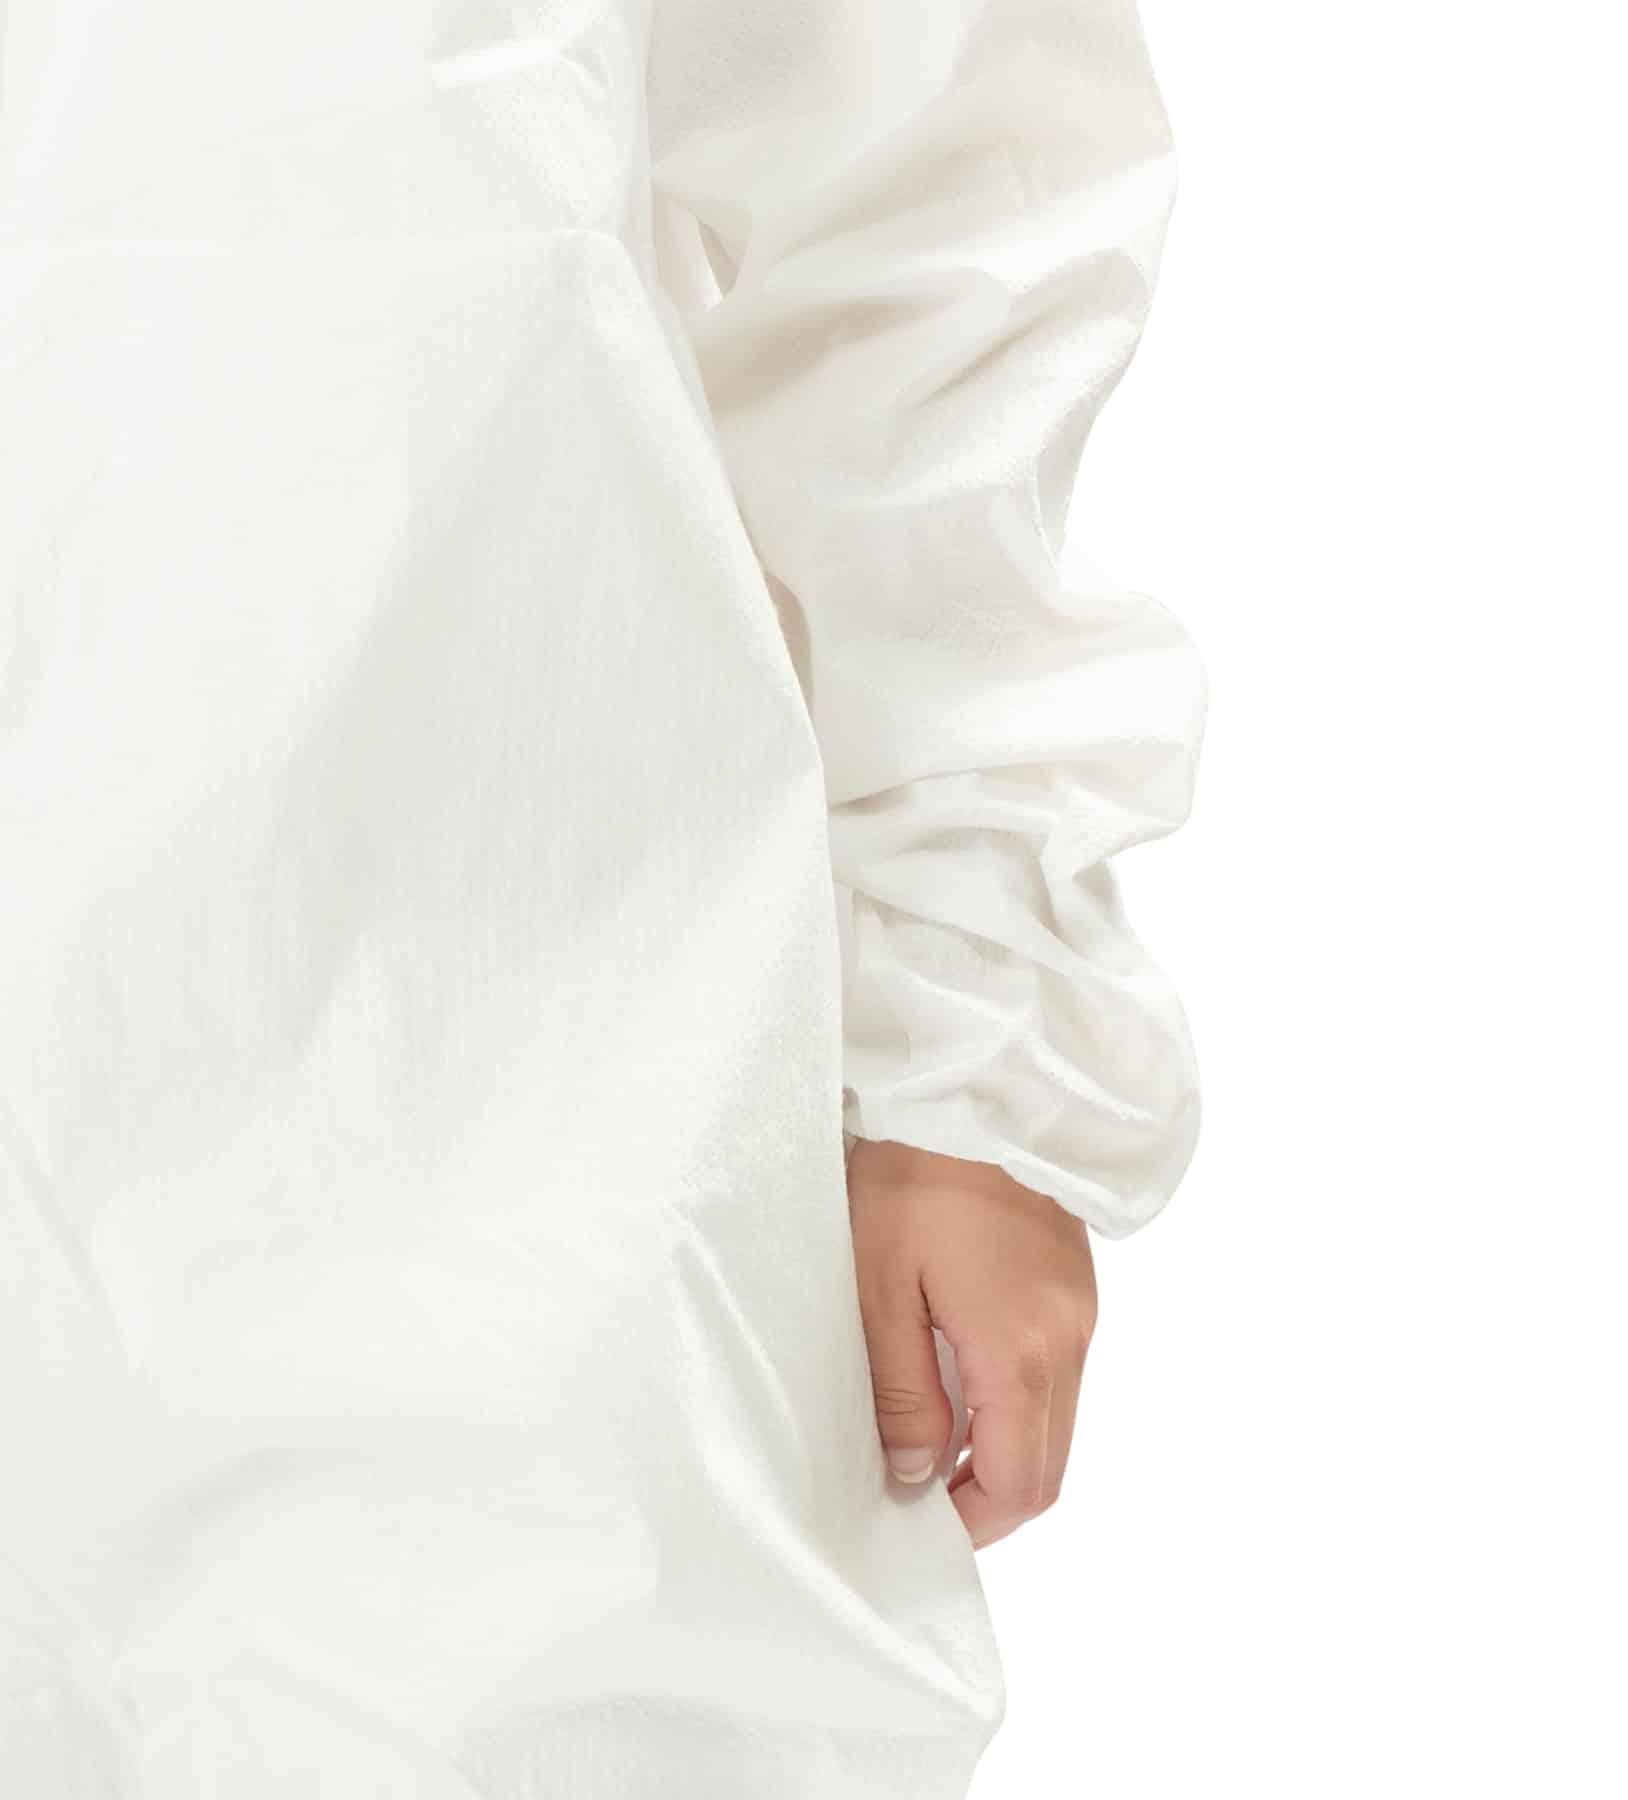 fatos de proteção impermeáveis 5 - waterproof protective coverall - clothe protect